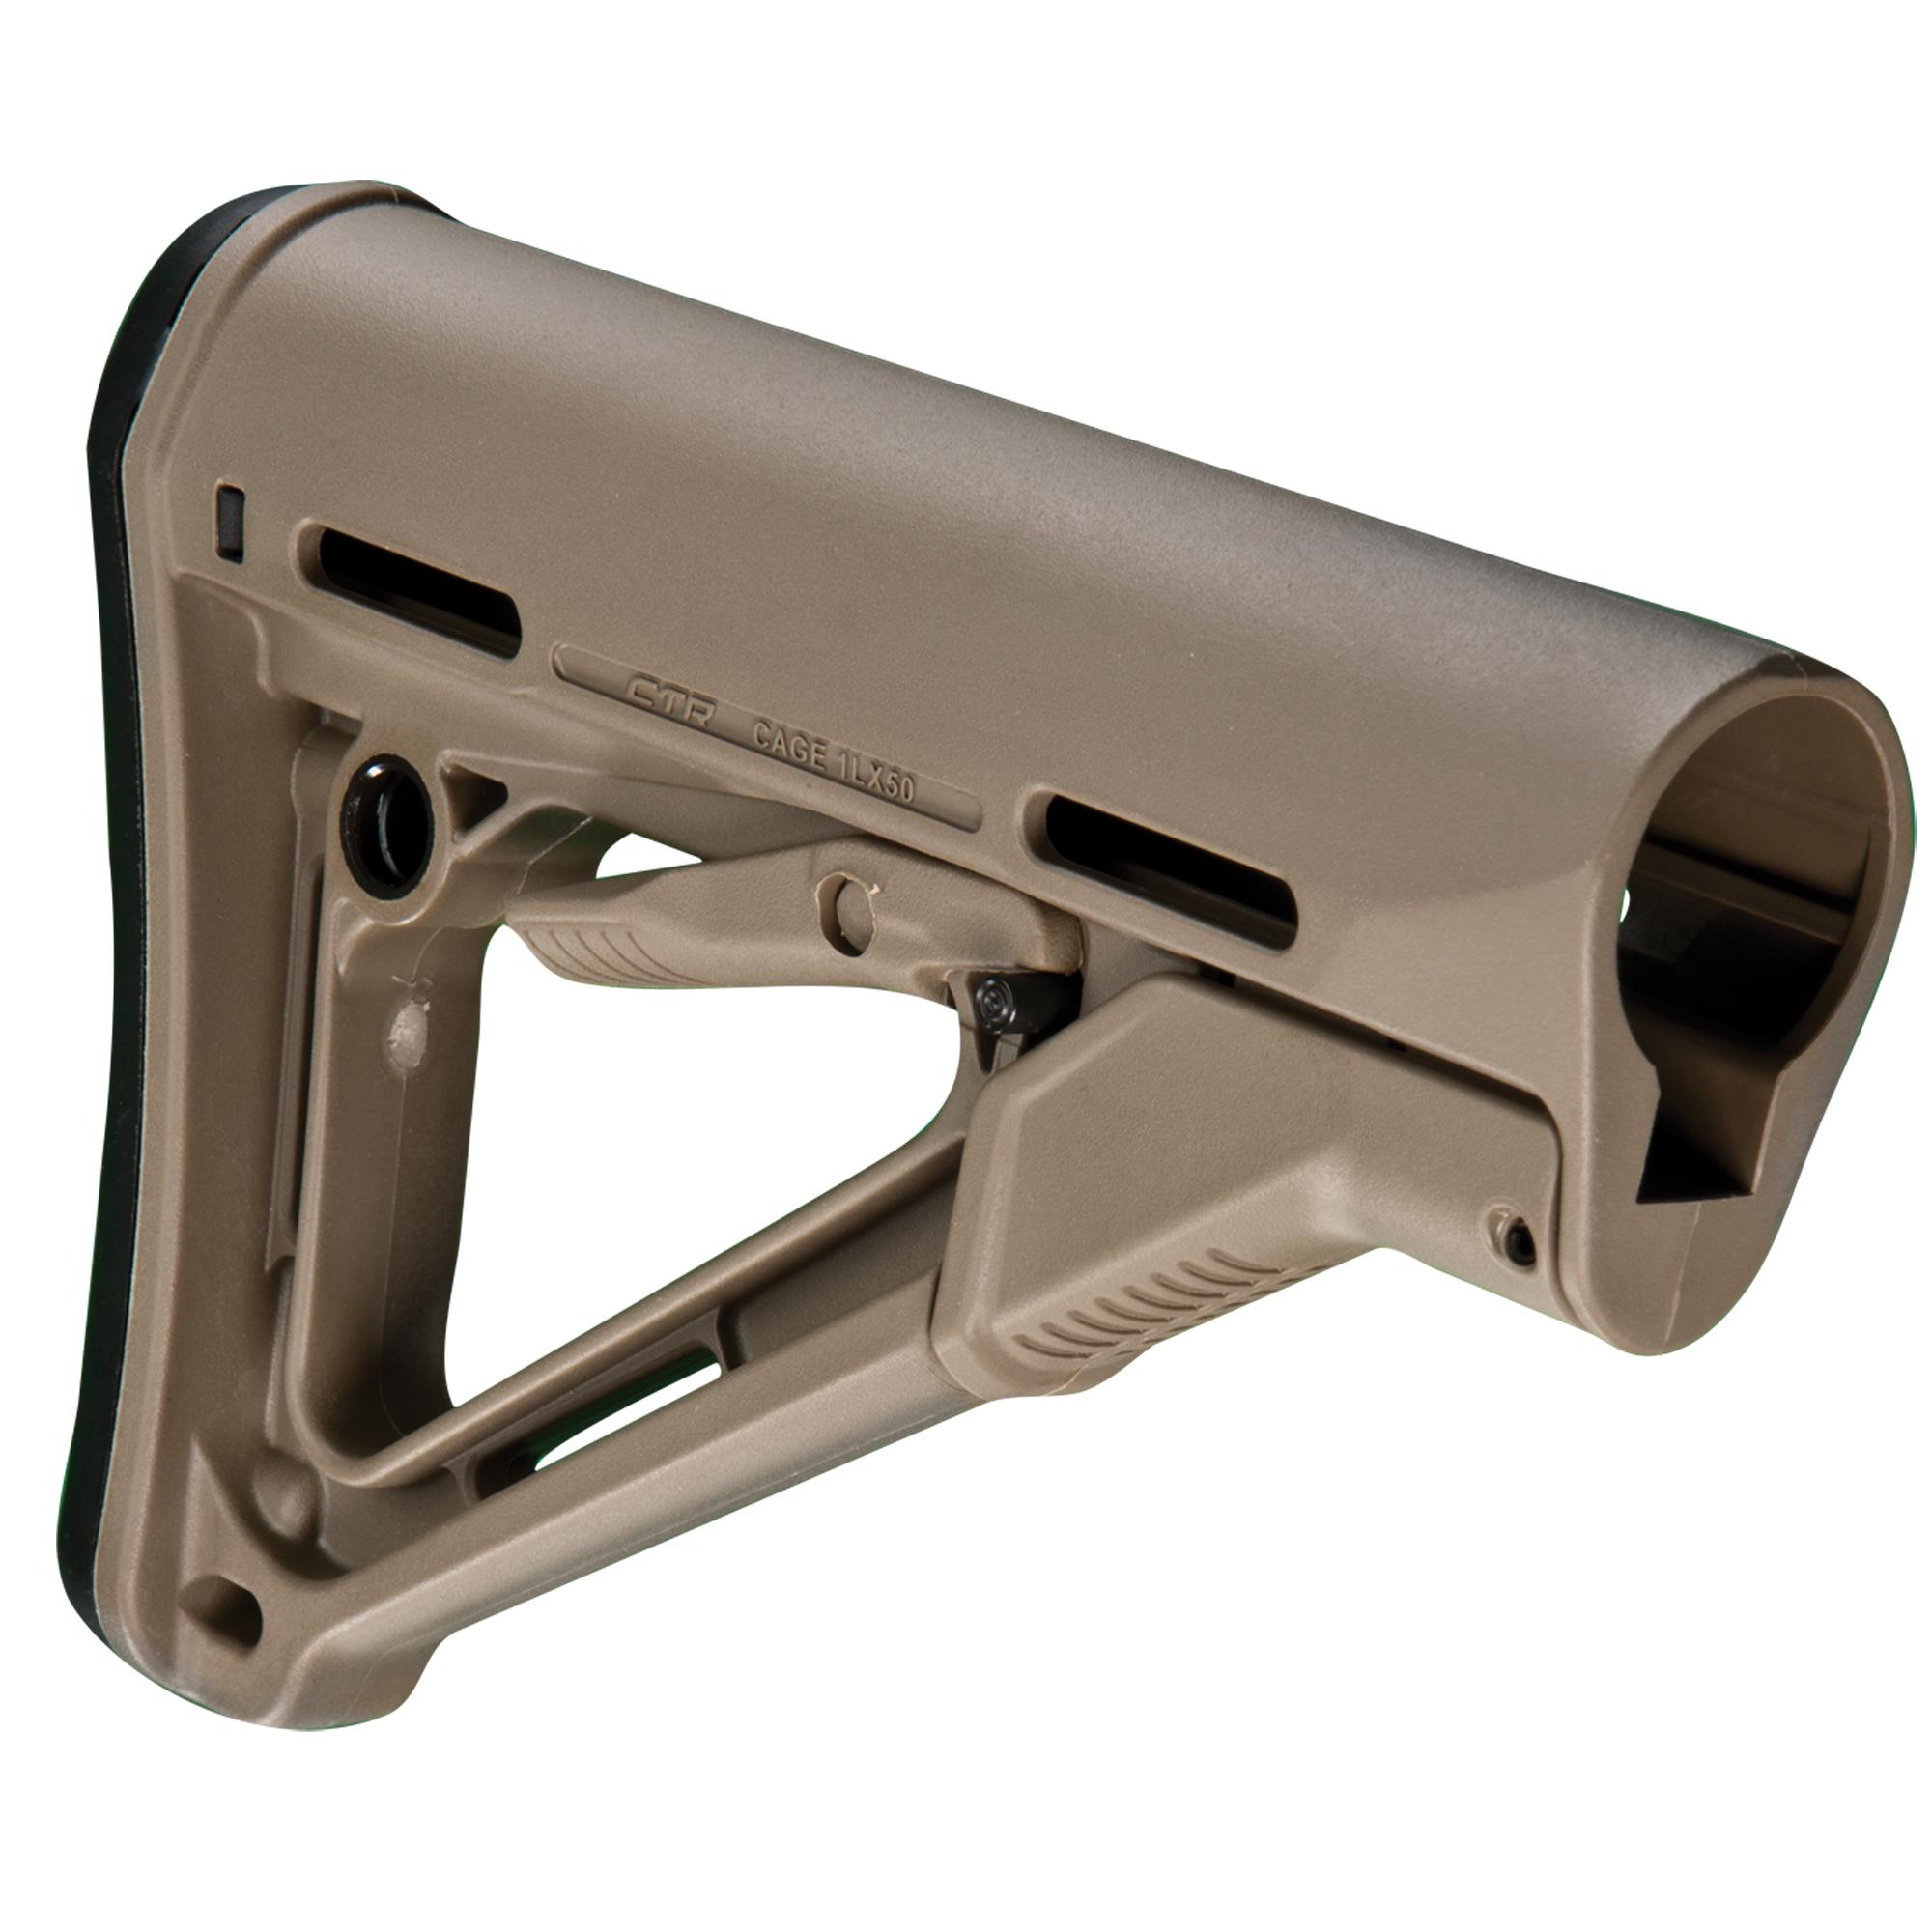 Magpul CTR Carbine Stock - MIL-SPEC - FLAT DARK EARTH